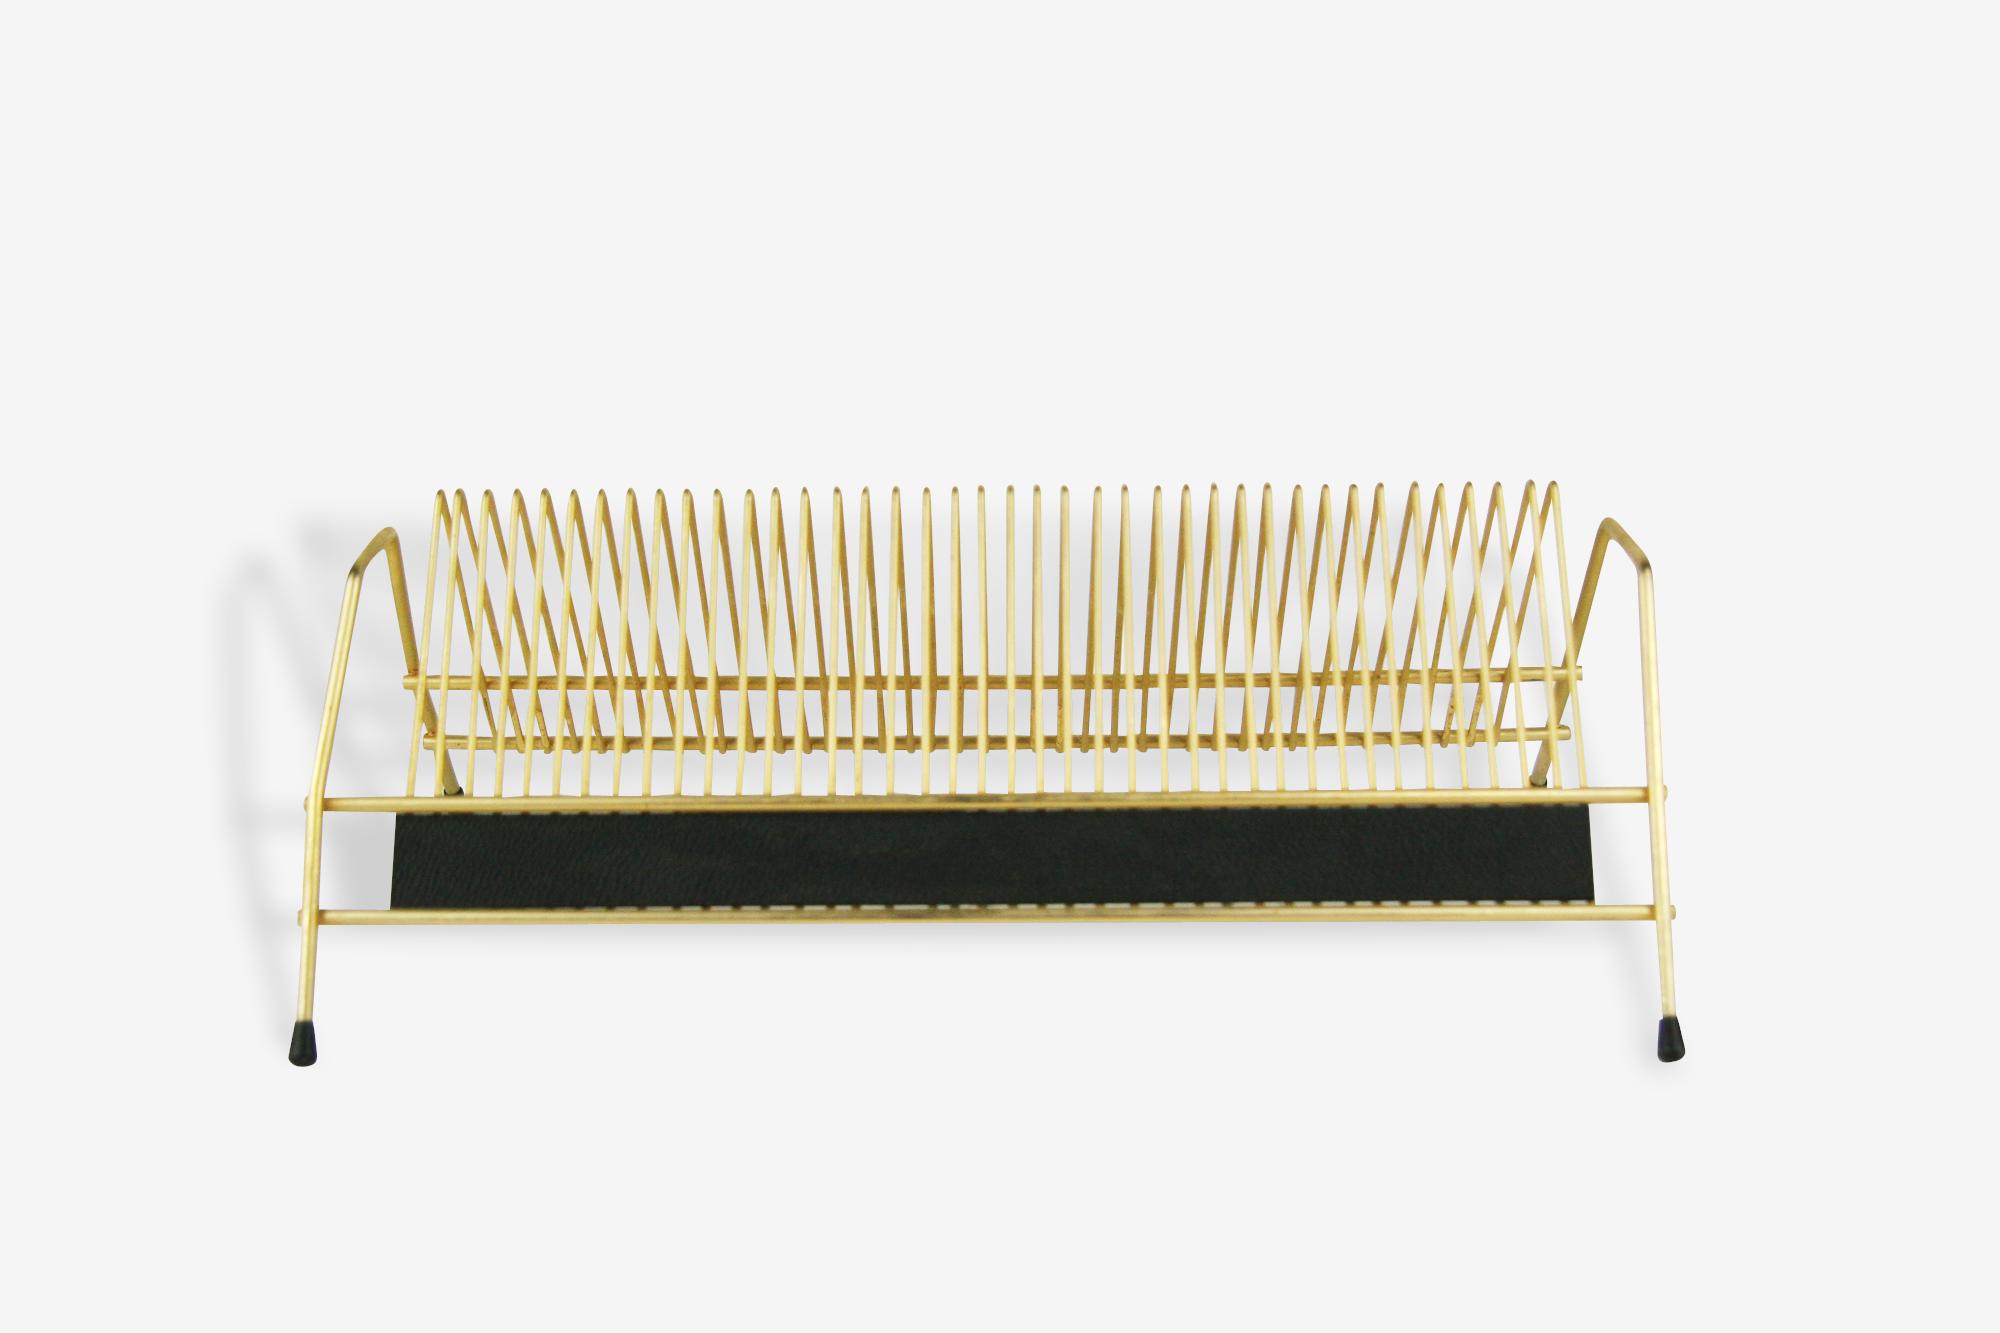 Porte-vinyles 45 tours en métal doré